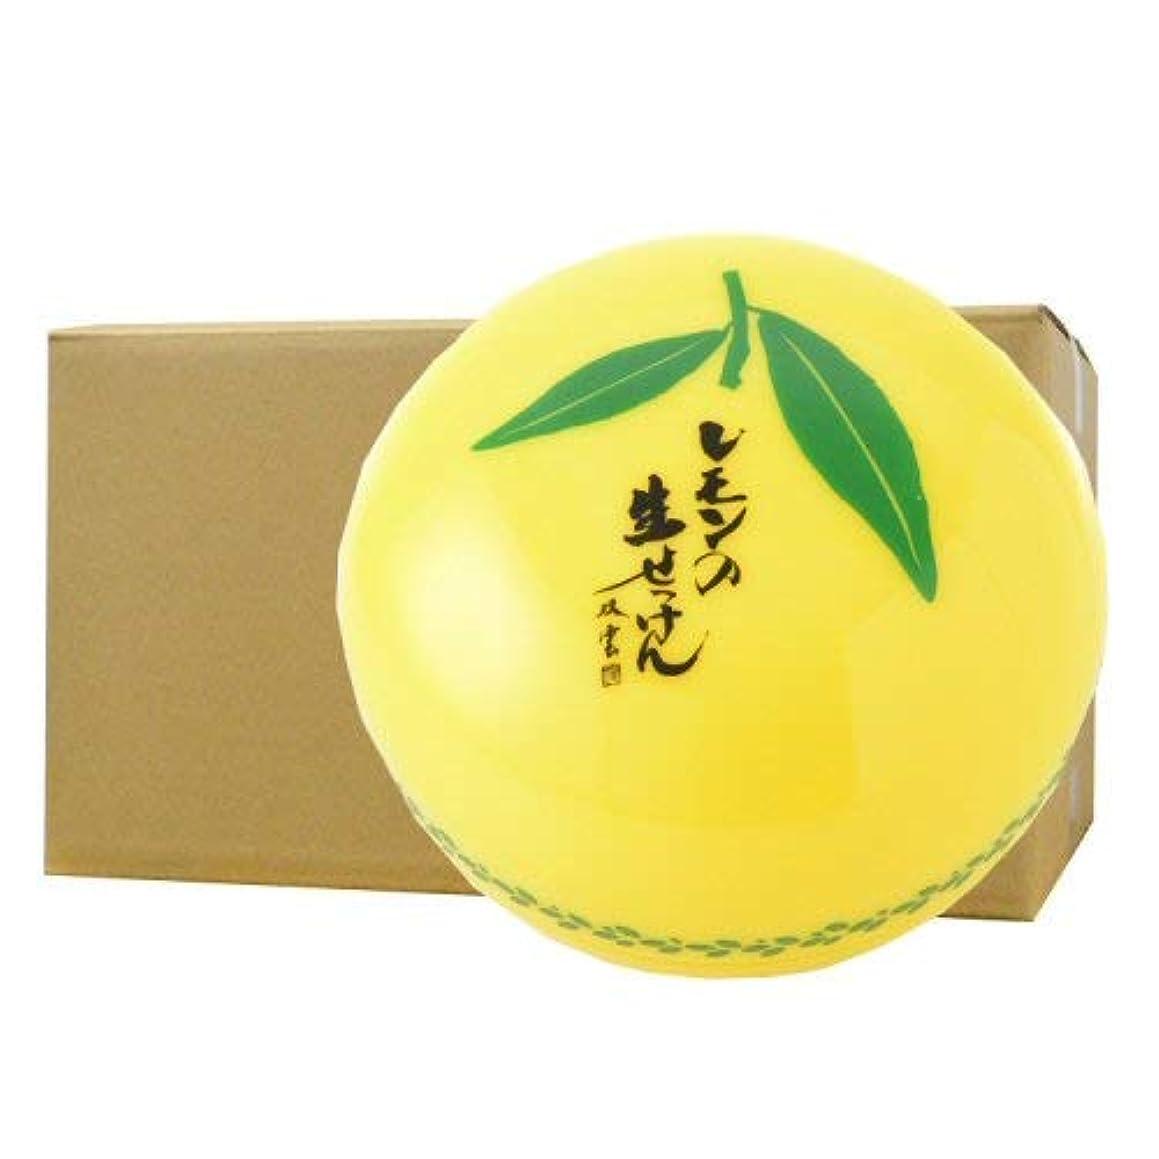 ネブ箱子供達美香柑 レモンの生せっけん 洗顔石けん 無添加 スパチュラ?泡立てネット付 大容量 120g×24個ケース